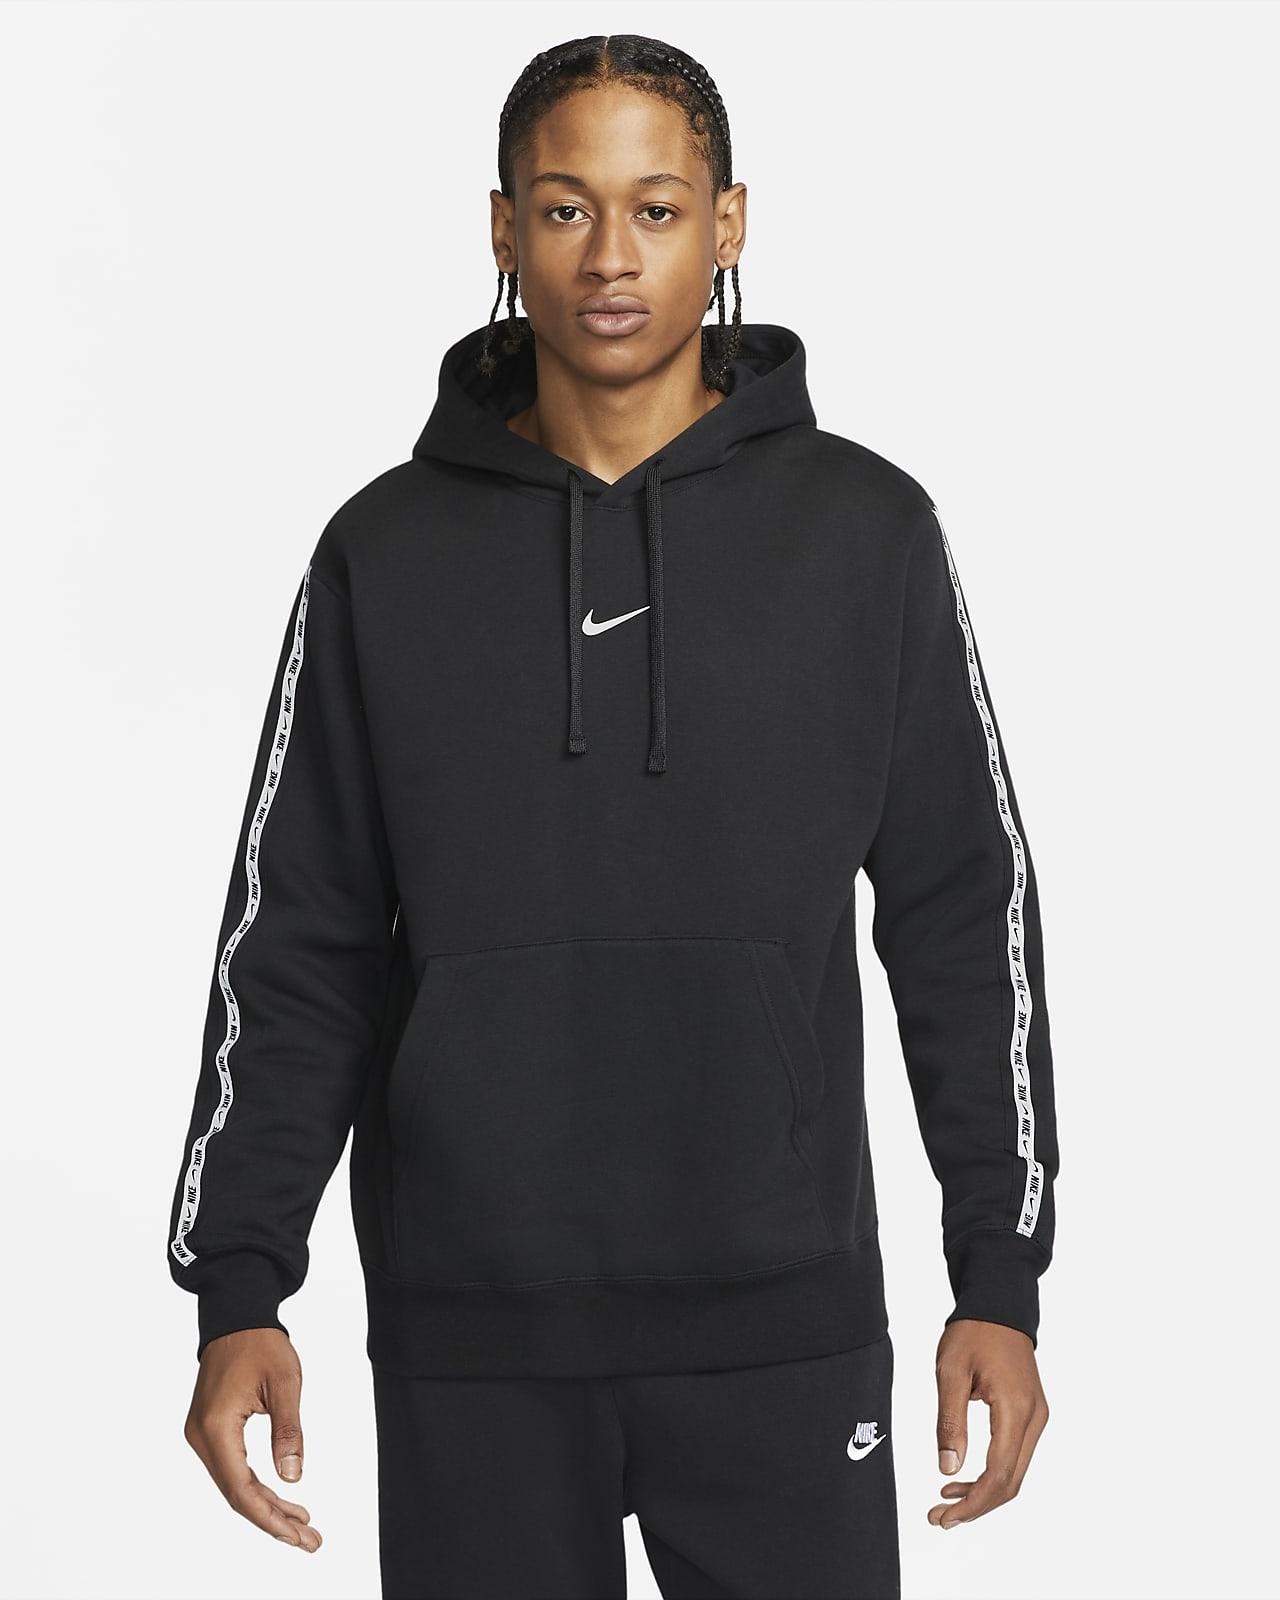 Ανδρική φλις μπλούζα με κουκούλα Nike Sportswear